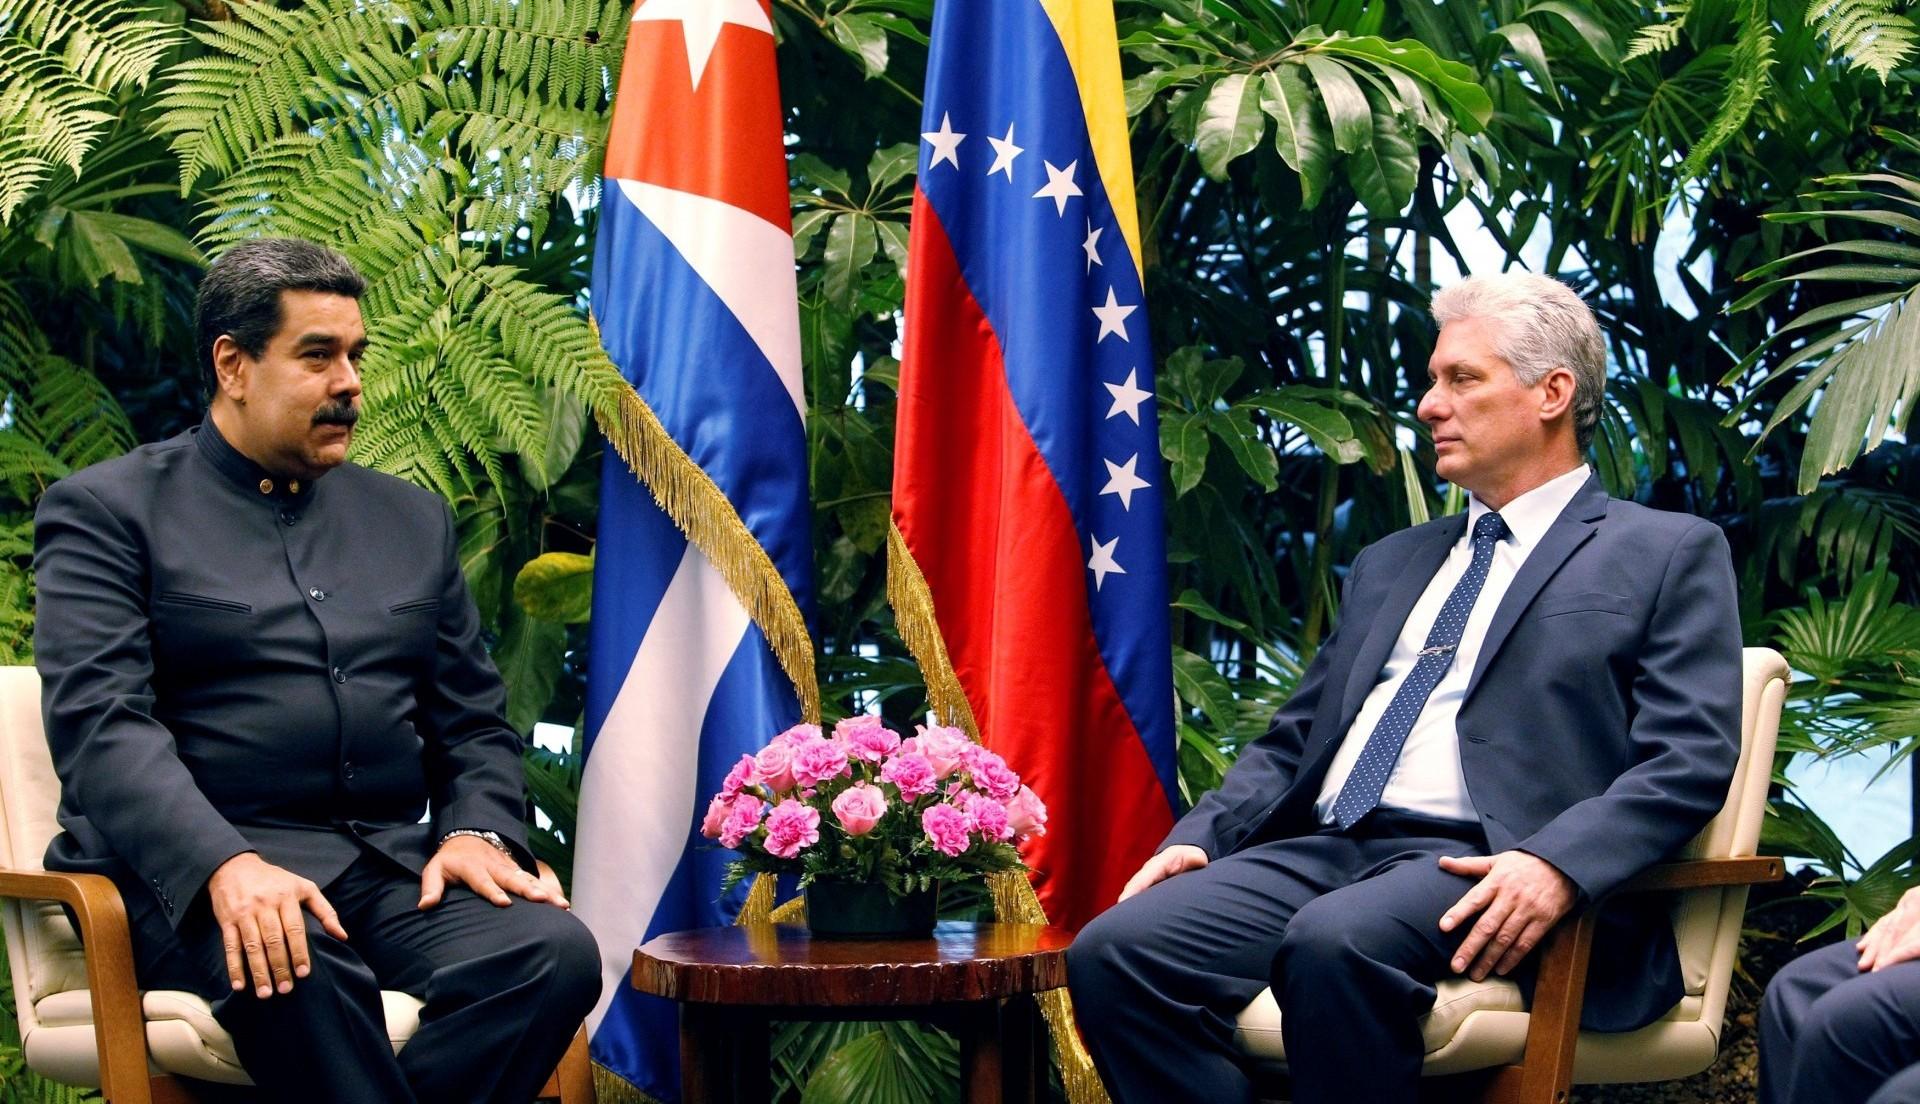 El régimen cubano tiene una gran influencia sobre la dictadura venezolana de Maduro(Ernesto Mastrascusa/Pool via Reuters)